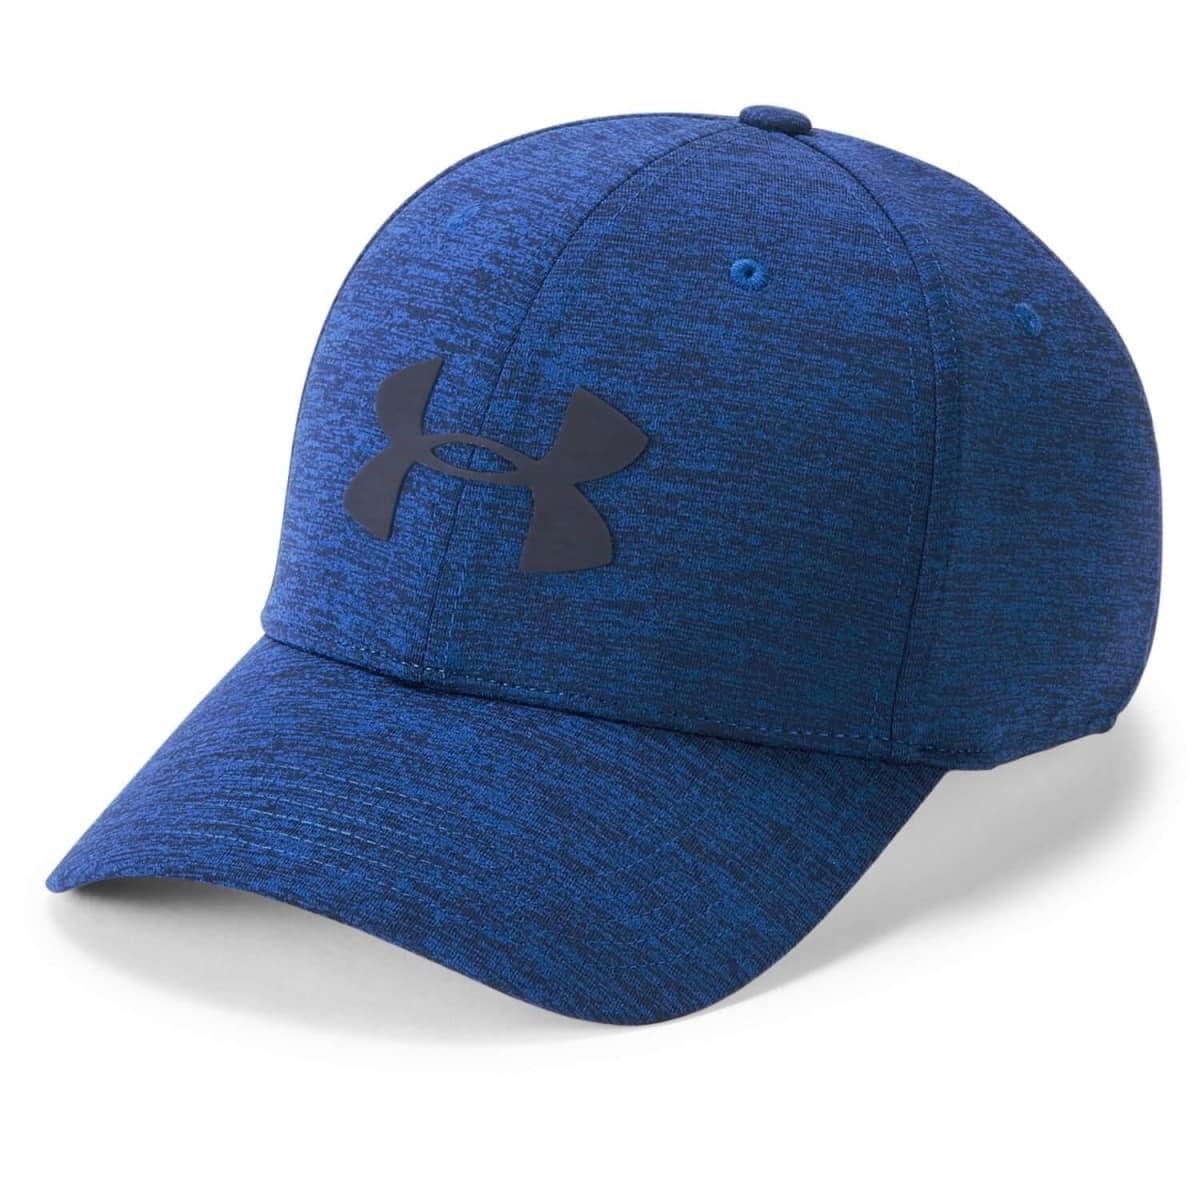 purchase cheap 2702f 66801 UA Men s Twist Closer Cap 2.0